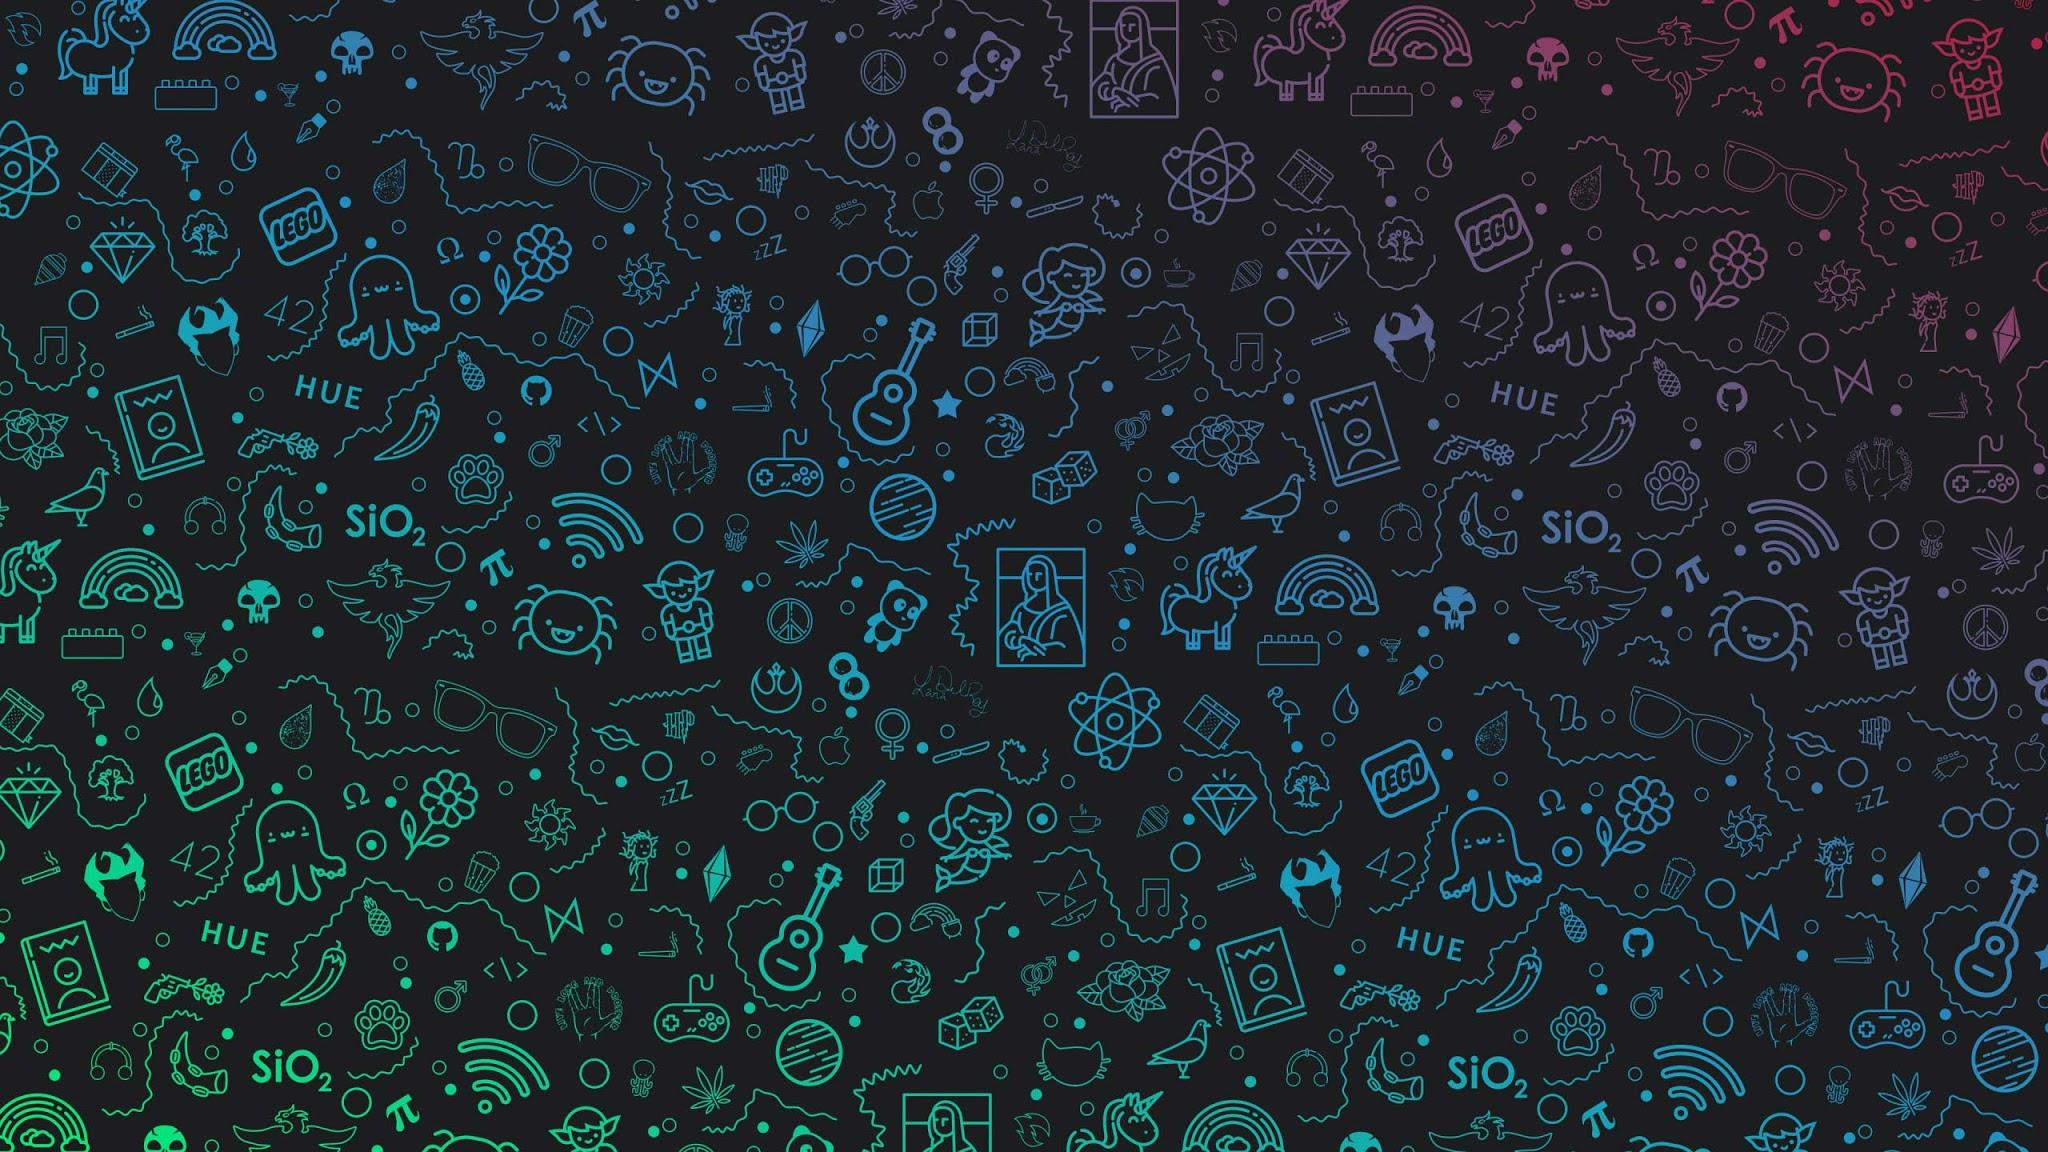 Fabuloso Plano de Fundo Arte Digital - Papel de Parede Grátis para PC HD YX04